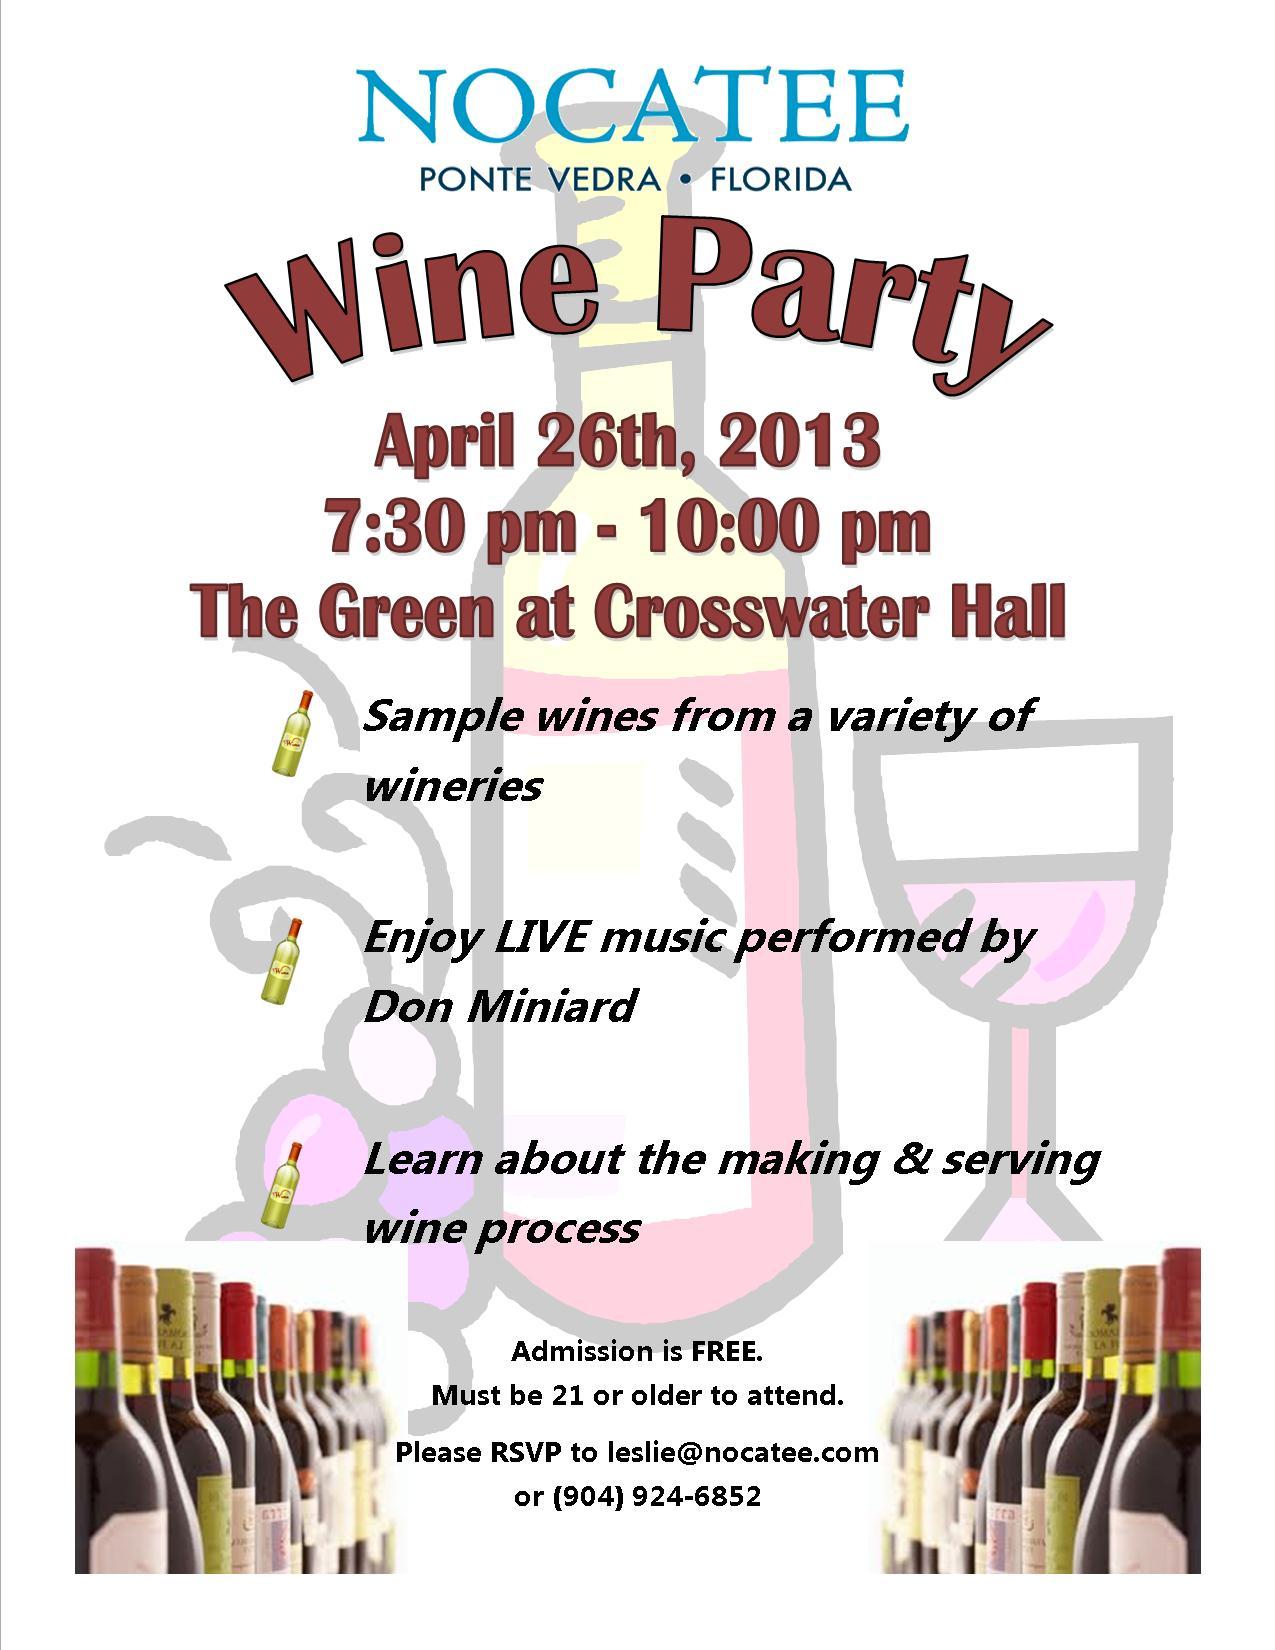 Nocatee Wine party